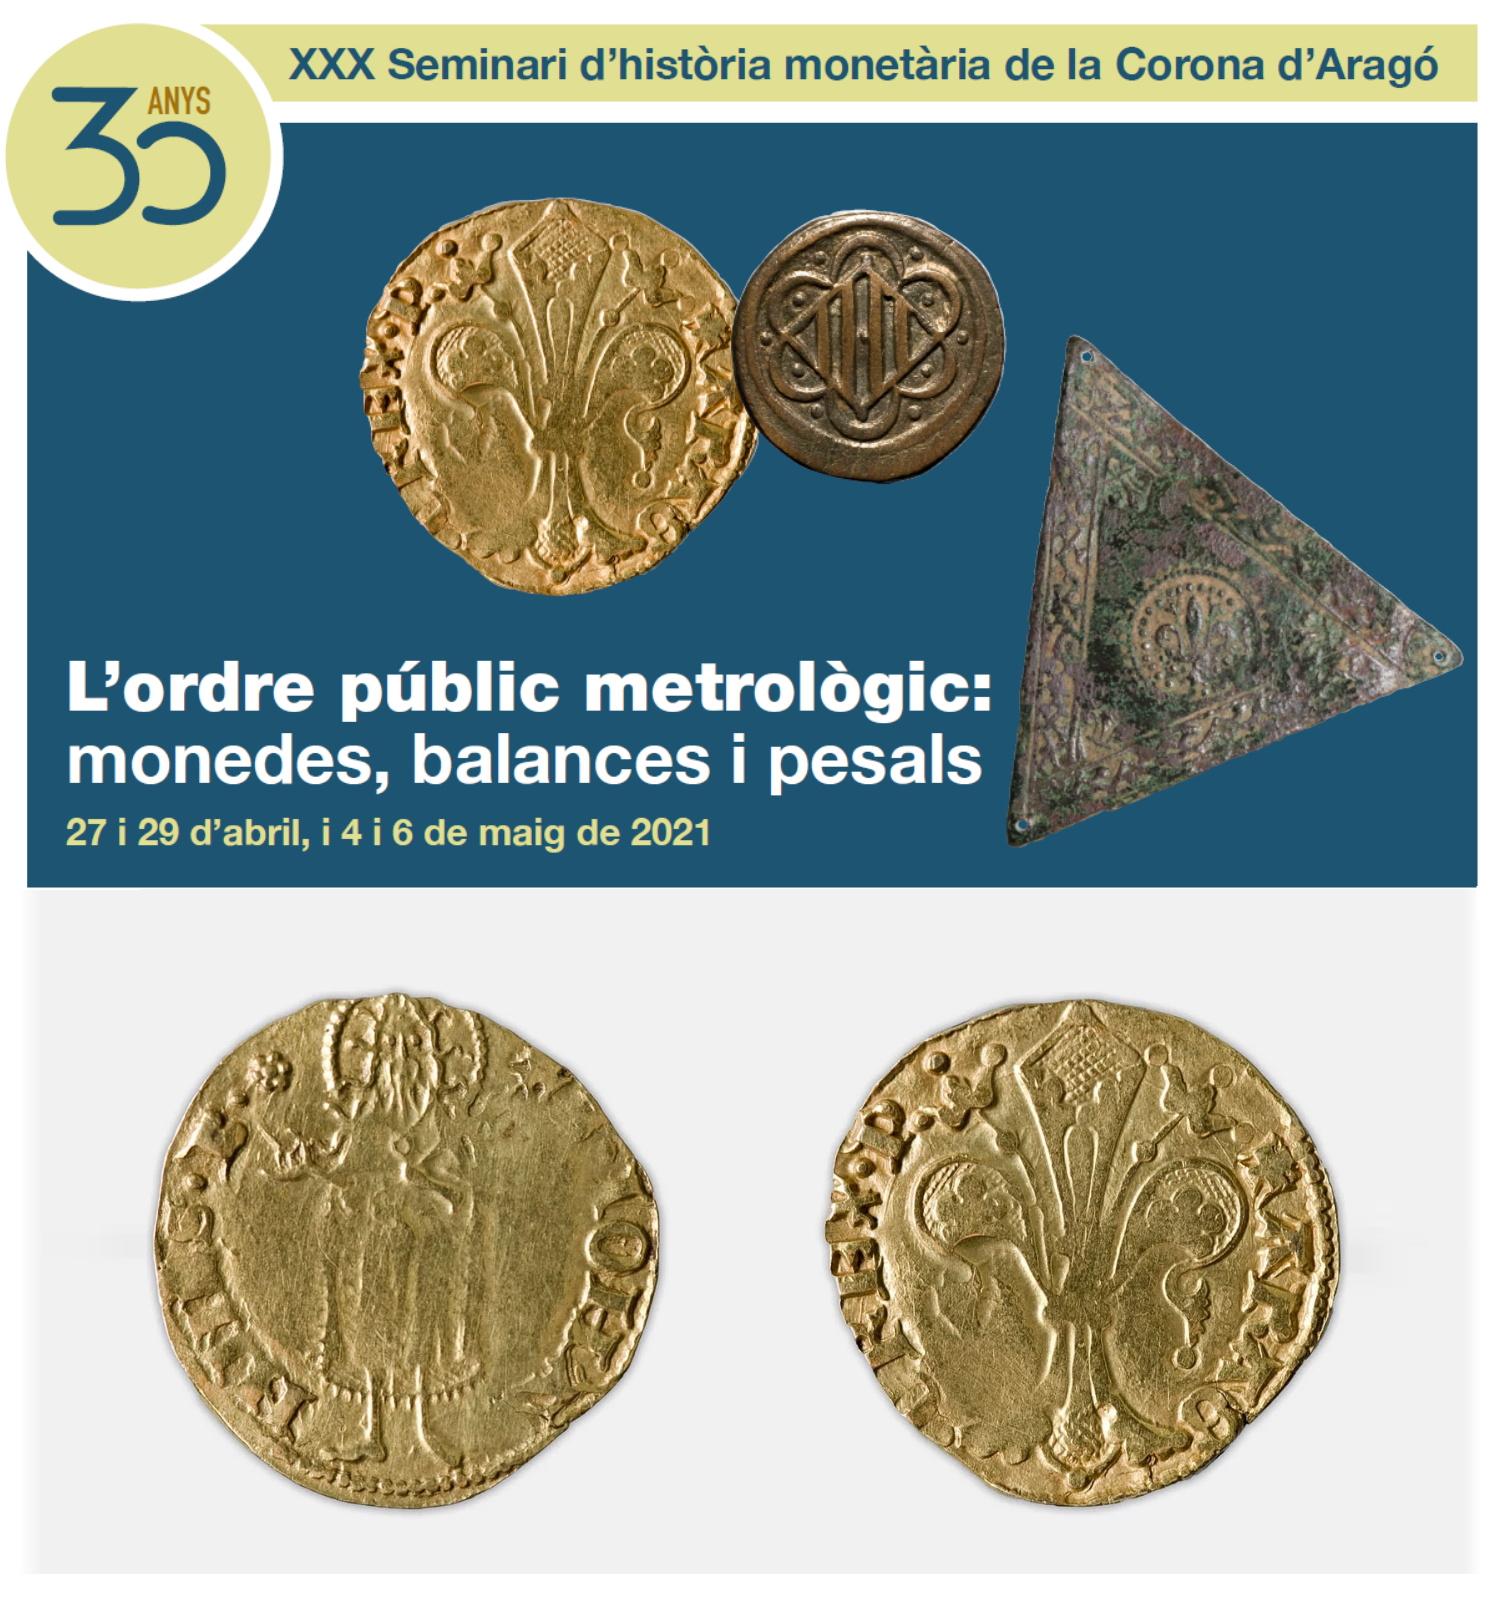 XXX Seminari d'història monetària de la Corona d'Aragó